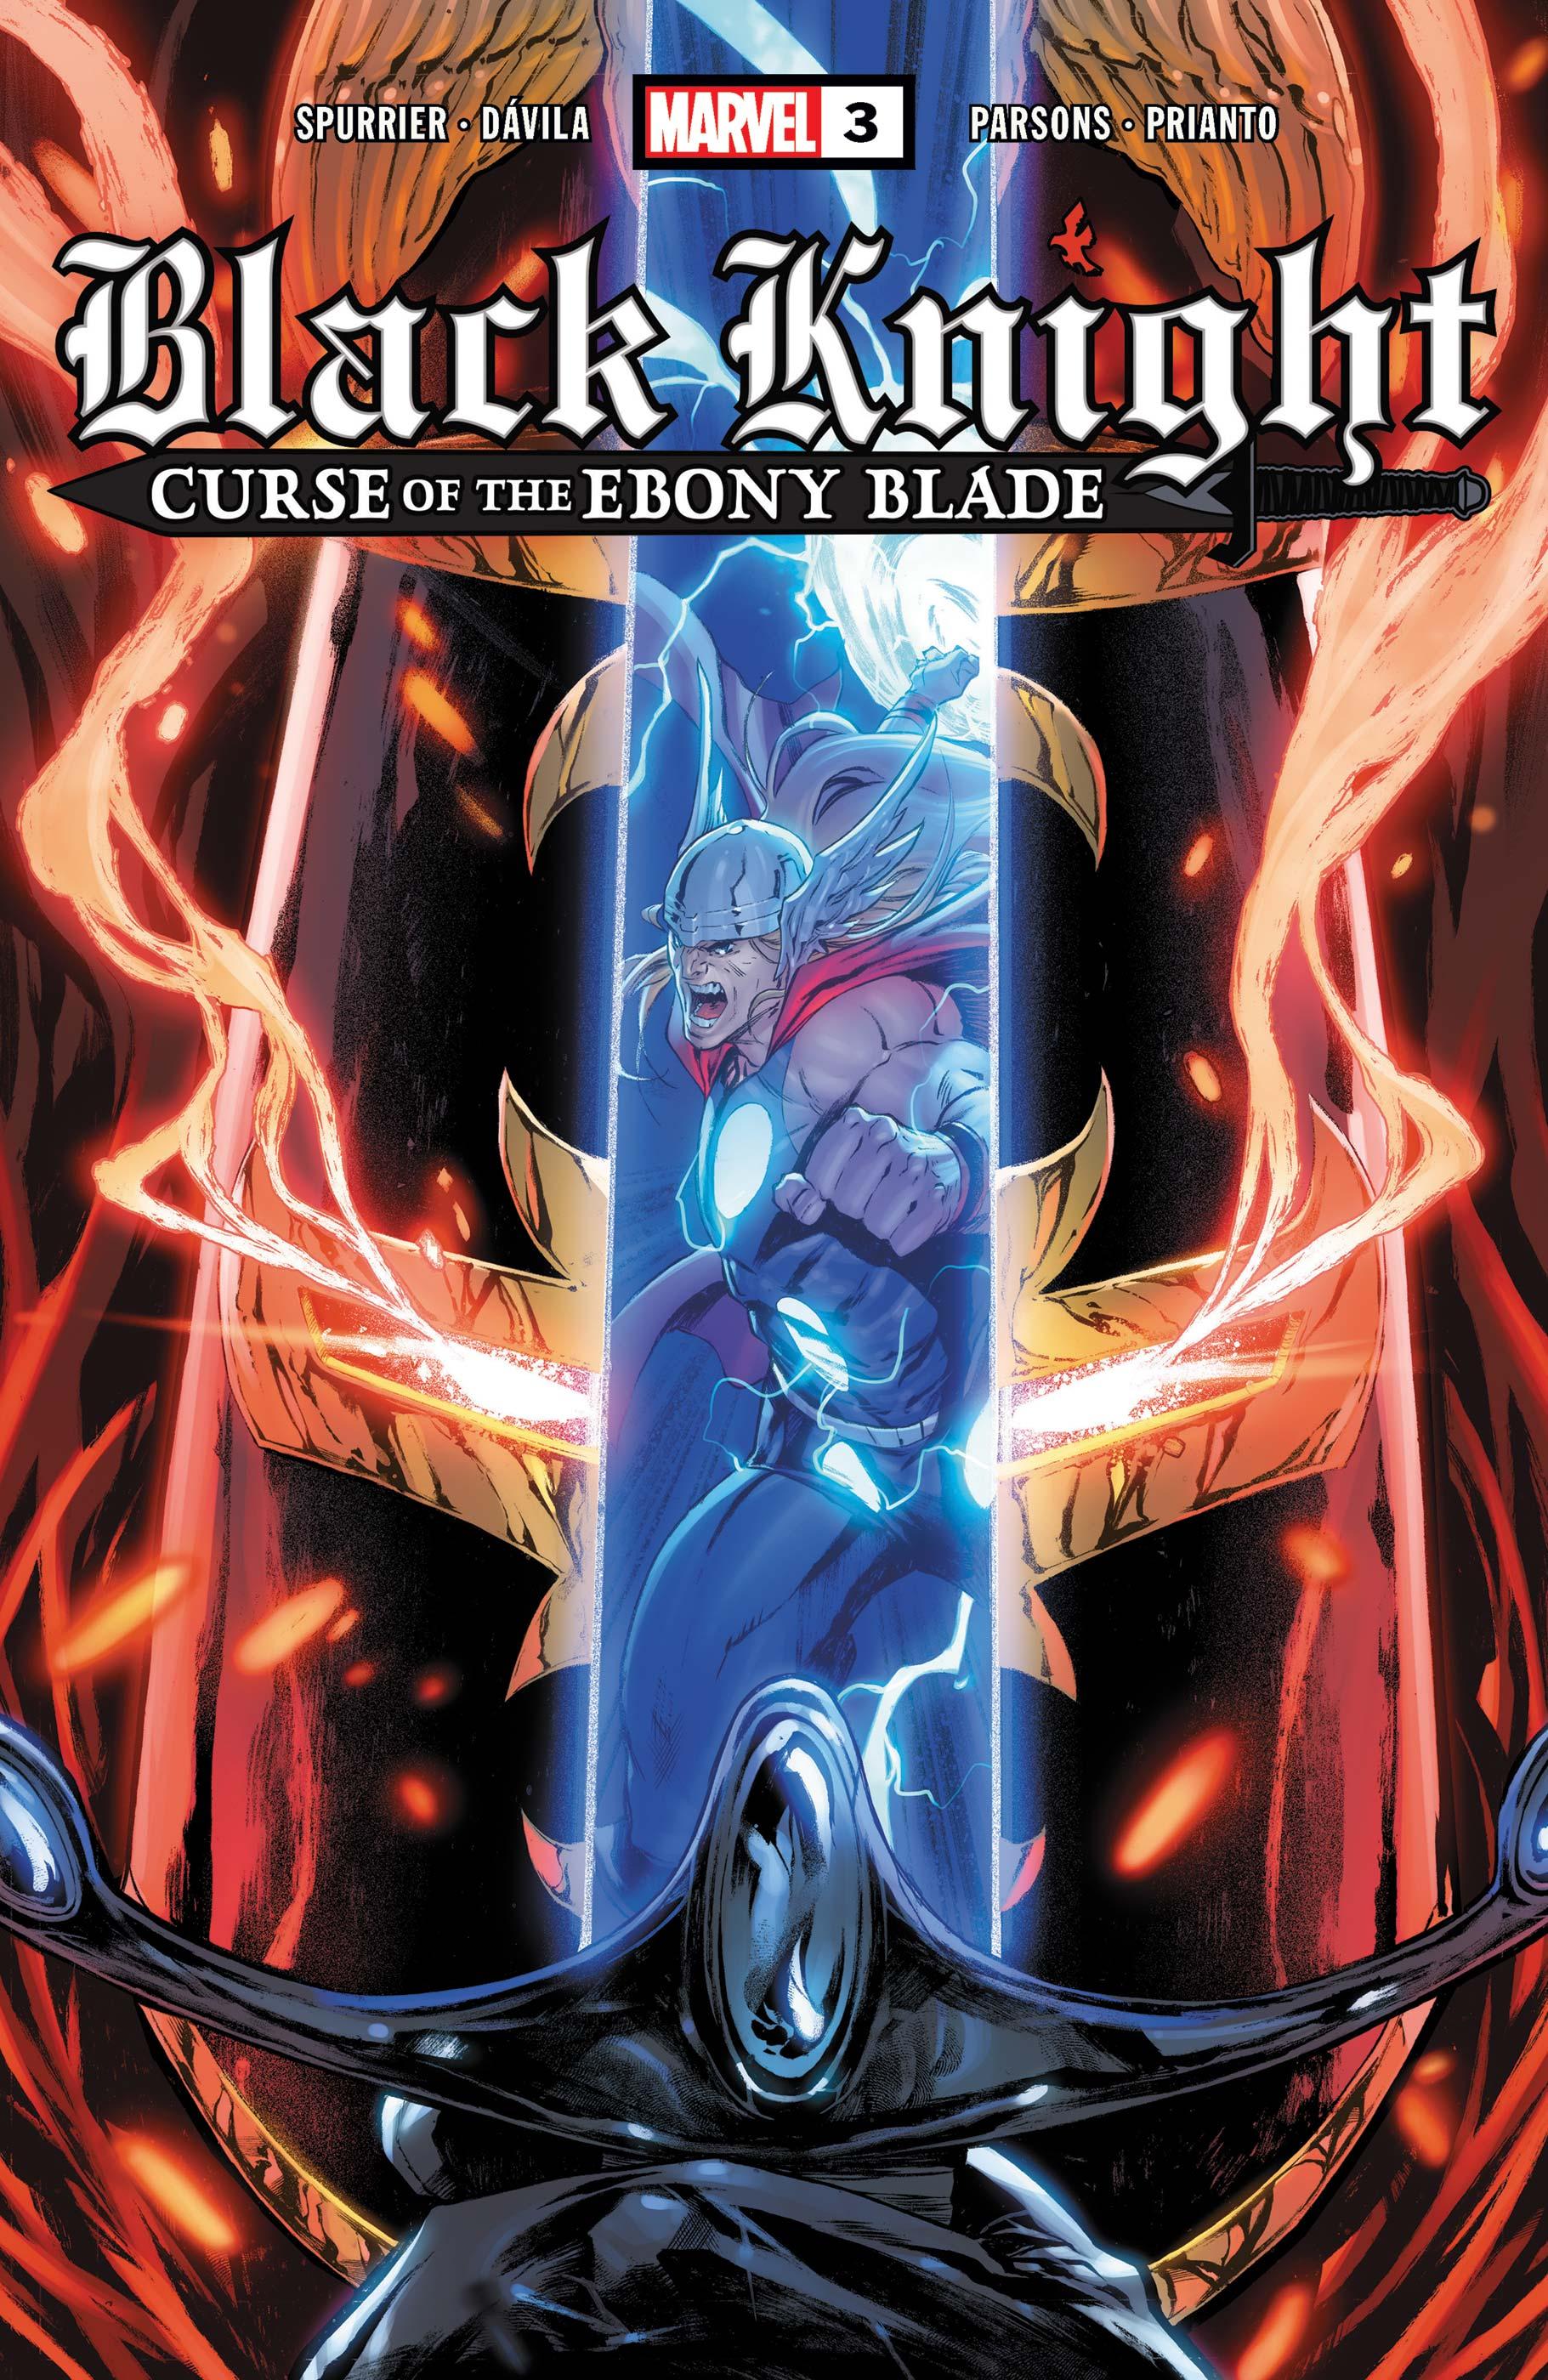 Black Knight: Curse of the Ebony Blade (2021) #3